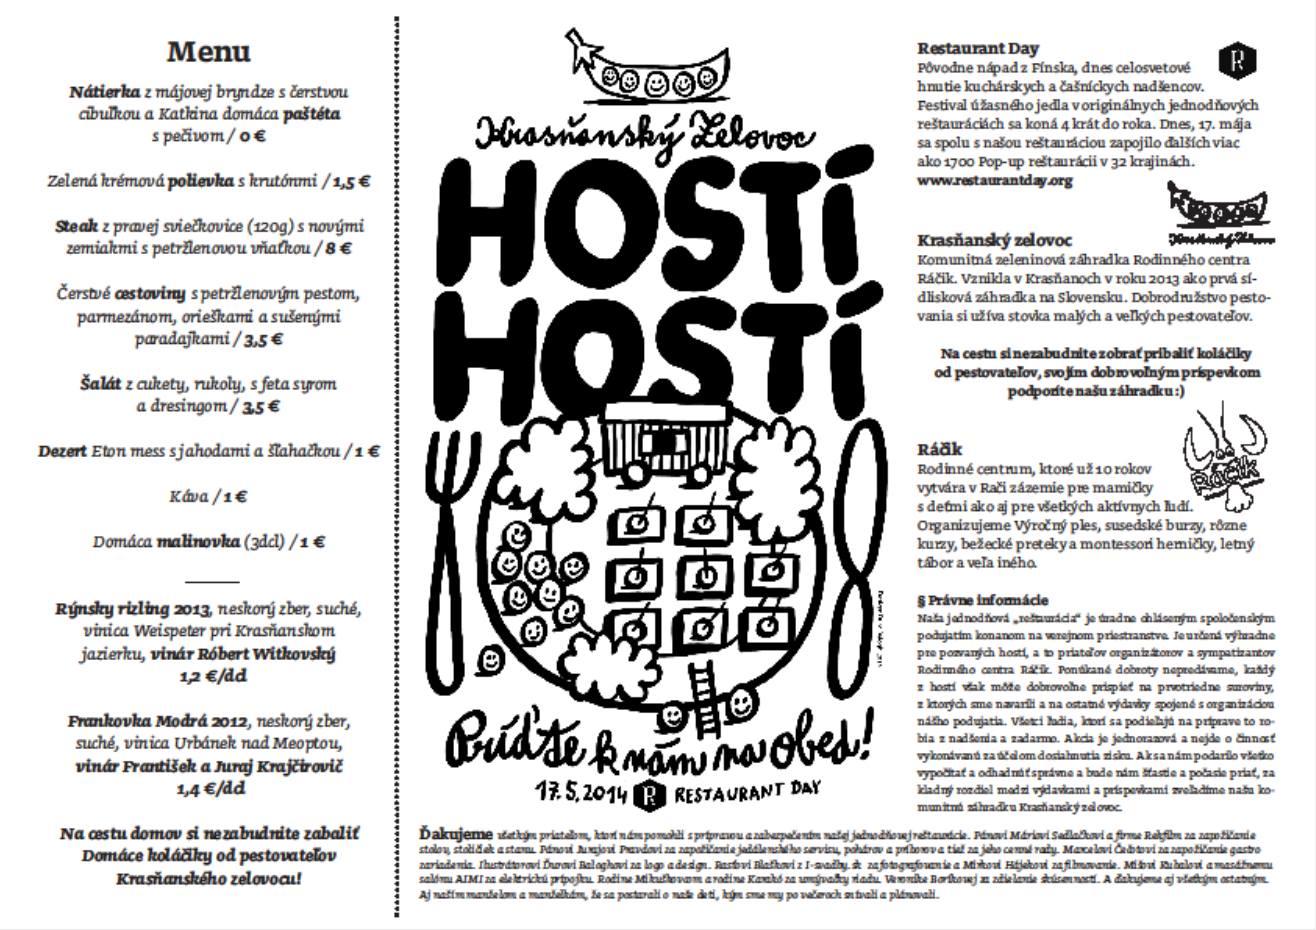 Krasnansky-zelovoc-hosti-hosti-menu